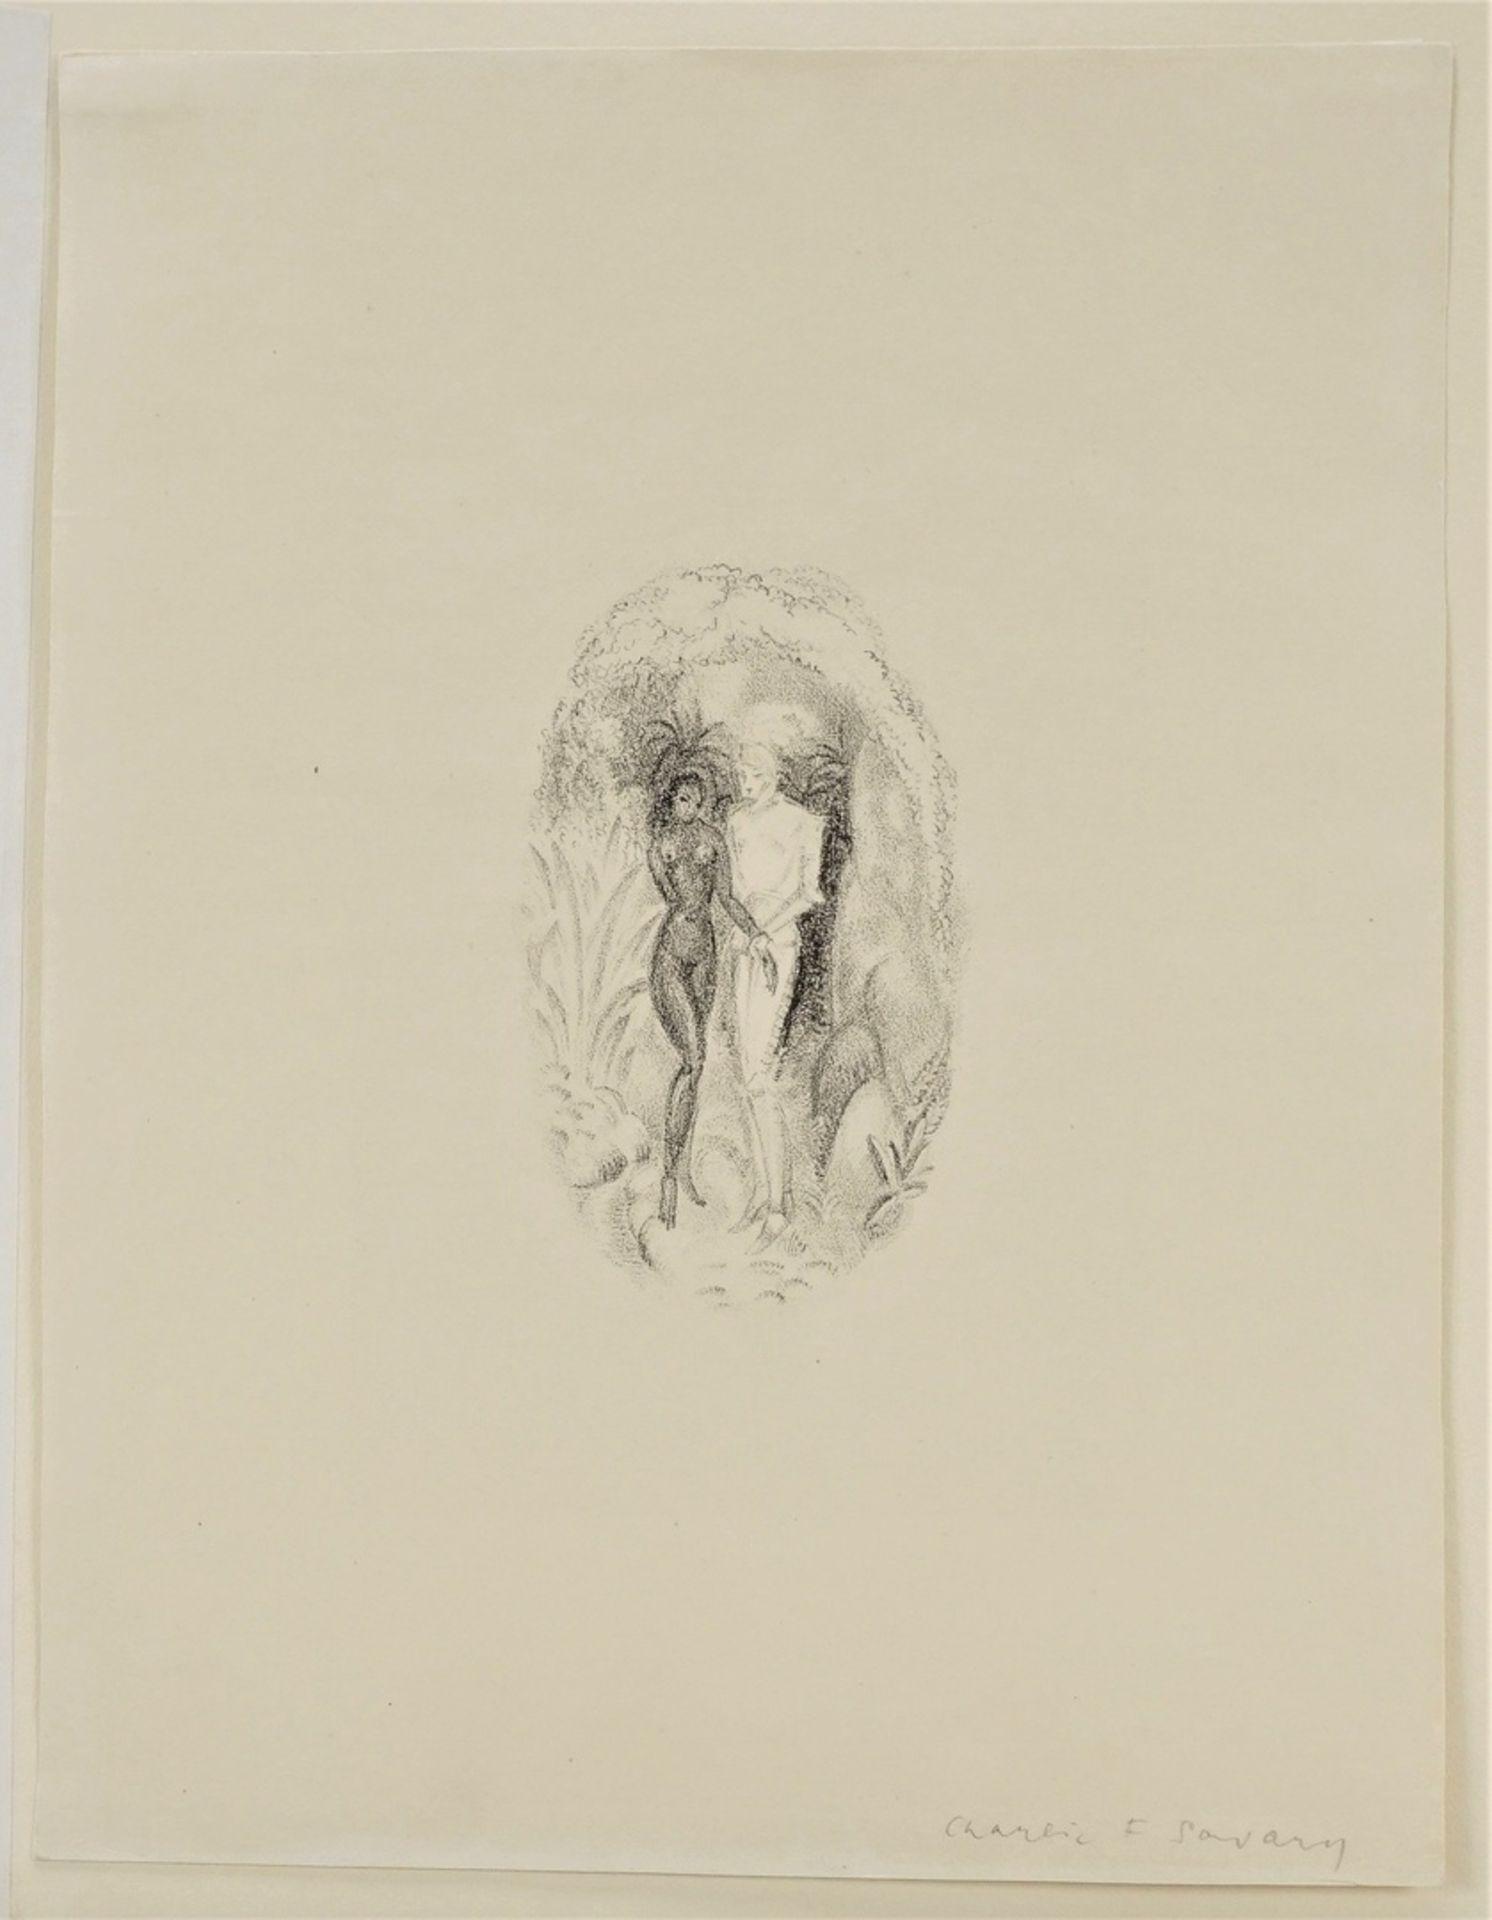 C.F. Savary, Der Ritter und das Mädchen - Bild 3 aus 5